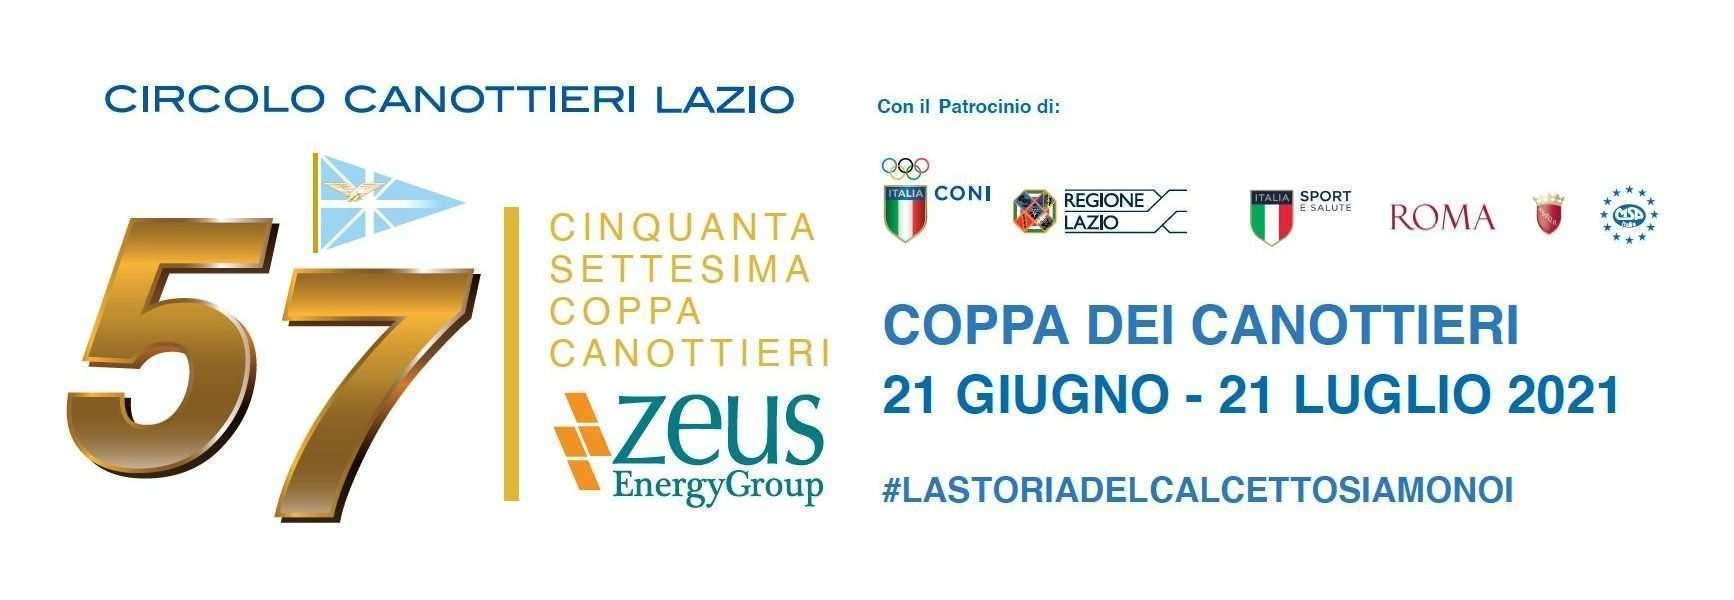 Coppa Canottieri 2021 di calcio a 5 organizzata dal Circolo Canottieri Lazio